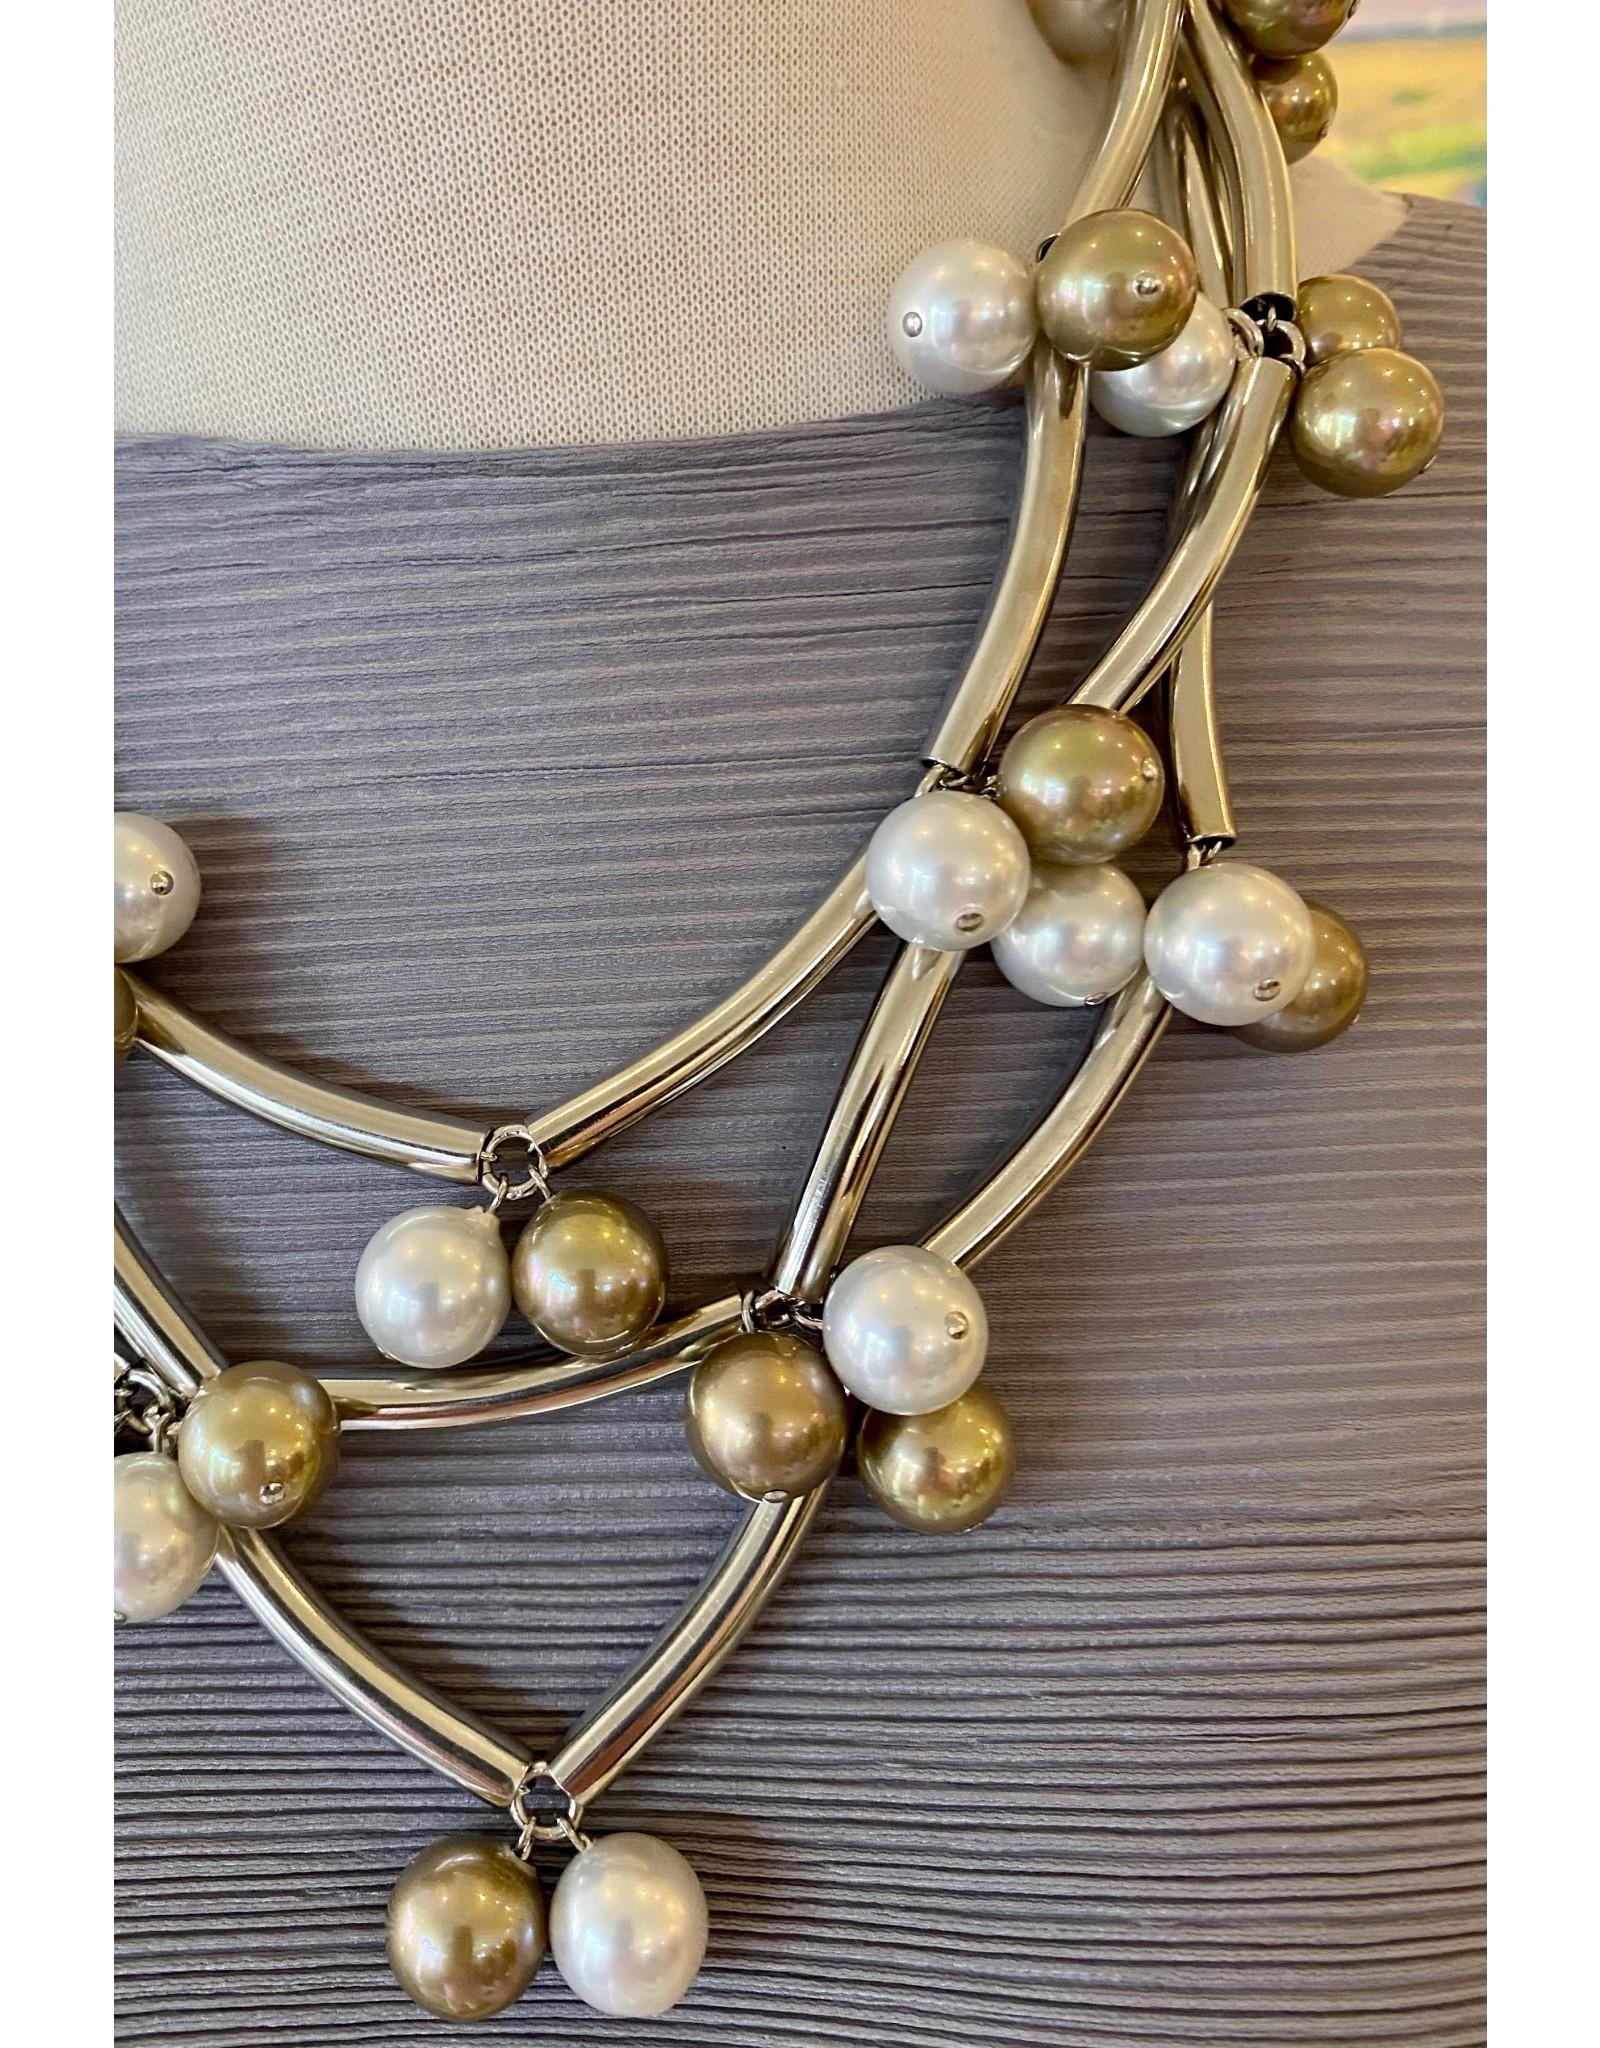 Francoise Montague Elk Silver w/ Pearls Necklace